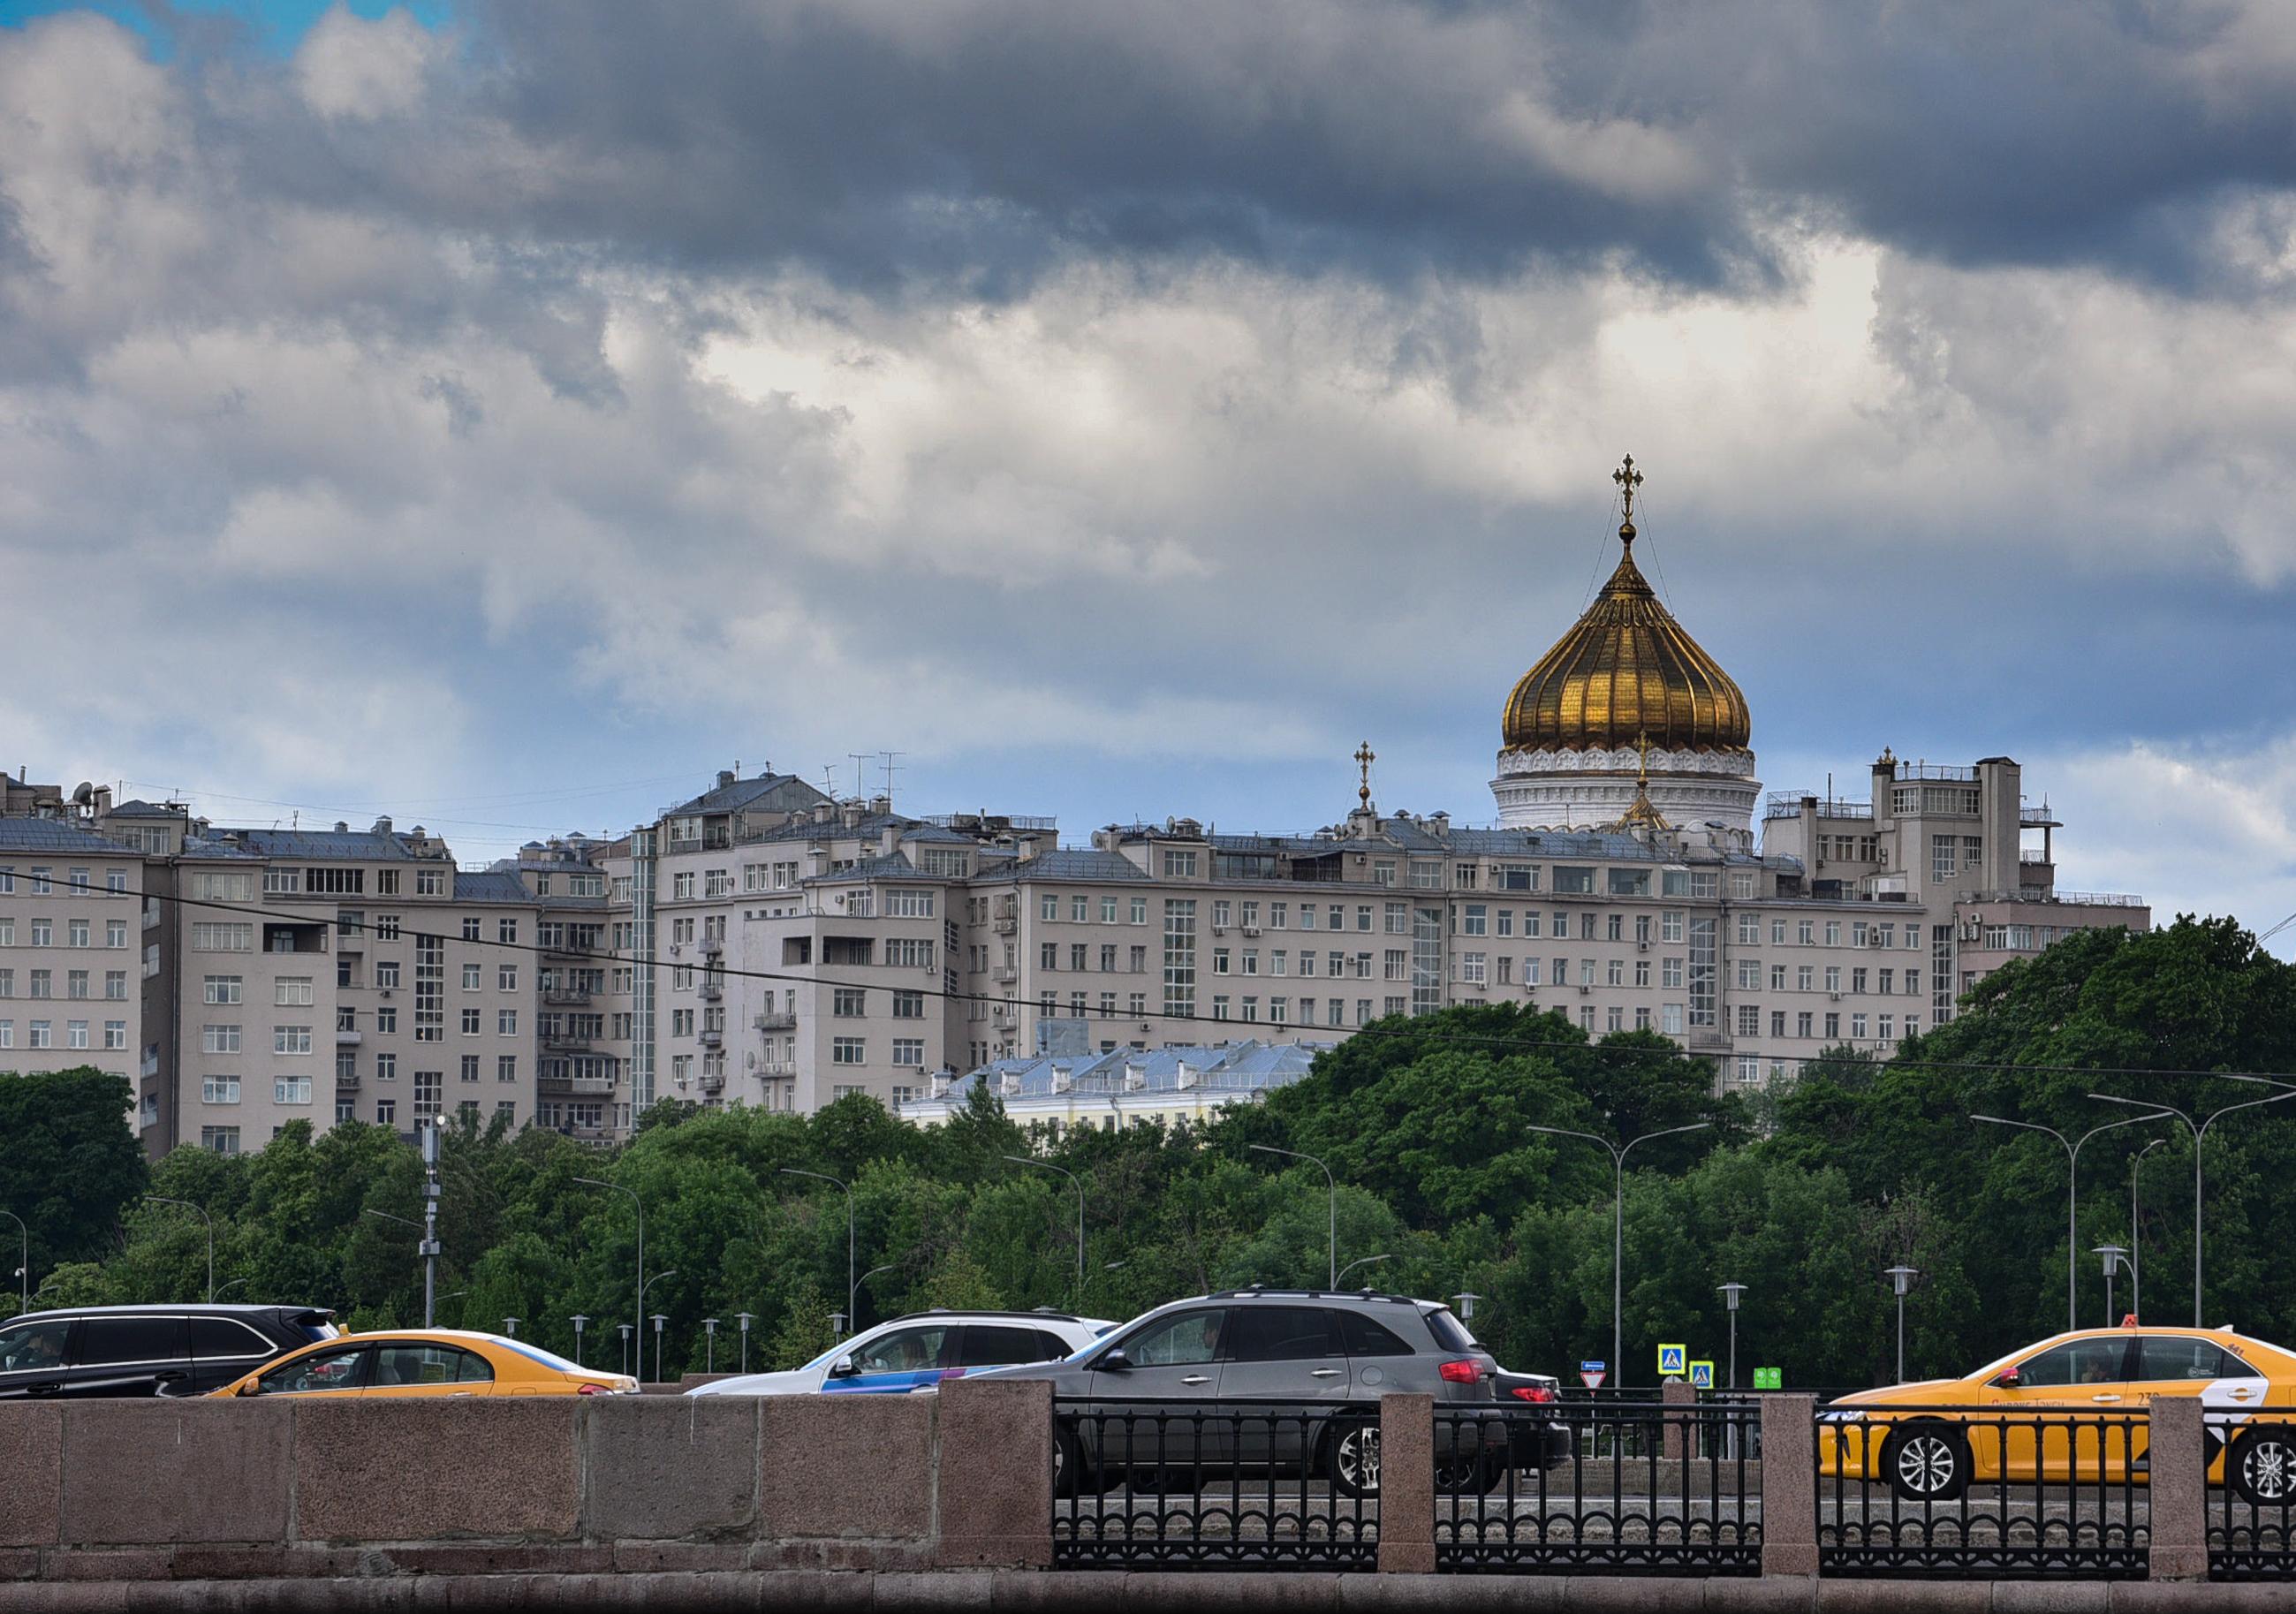 Погода опасна: во вторник Москву ждет ветер